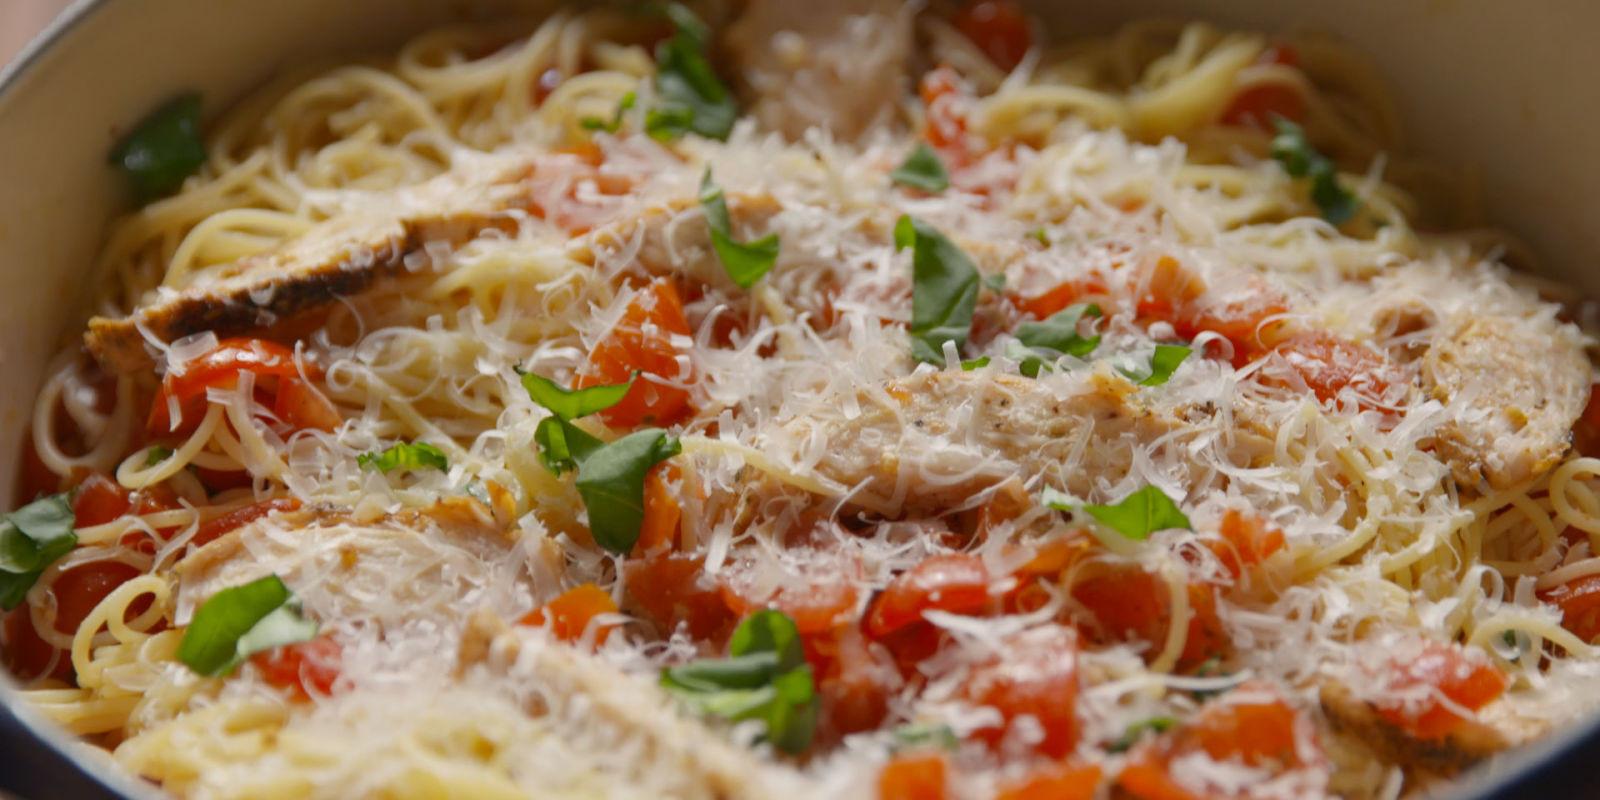 Bruschetta Chicken Pasta  Best Bruschetta Chicken Pasta Recipe How To Make